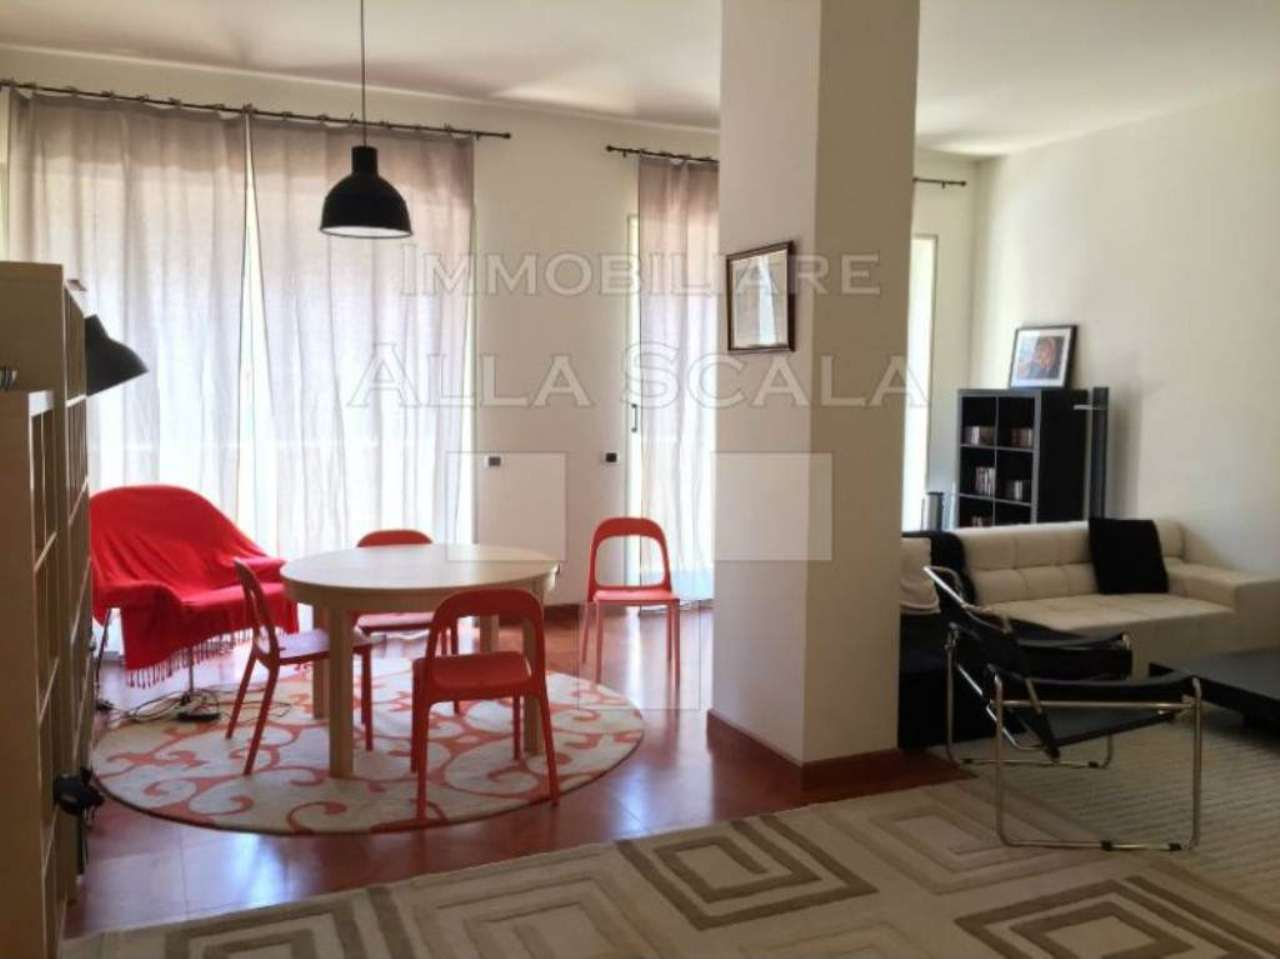 Appartamento in affitto a Milano, 3 locali, zona Zona: 1 . Centro Storico, Duomo, Brera, Cadorna, Cattolica, prezzo € 3.500 | Cambio Casa.it